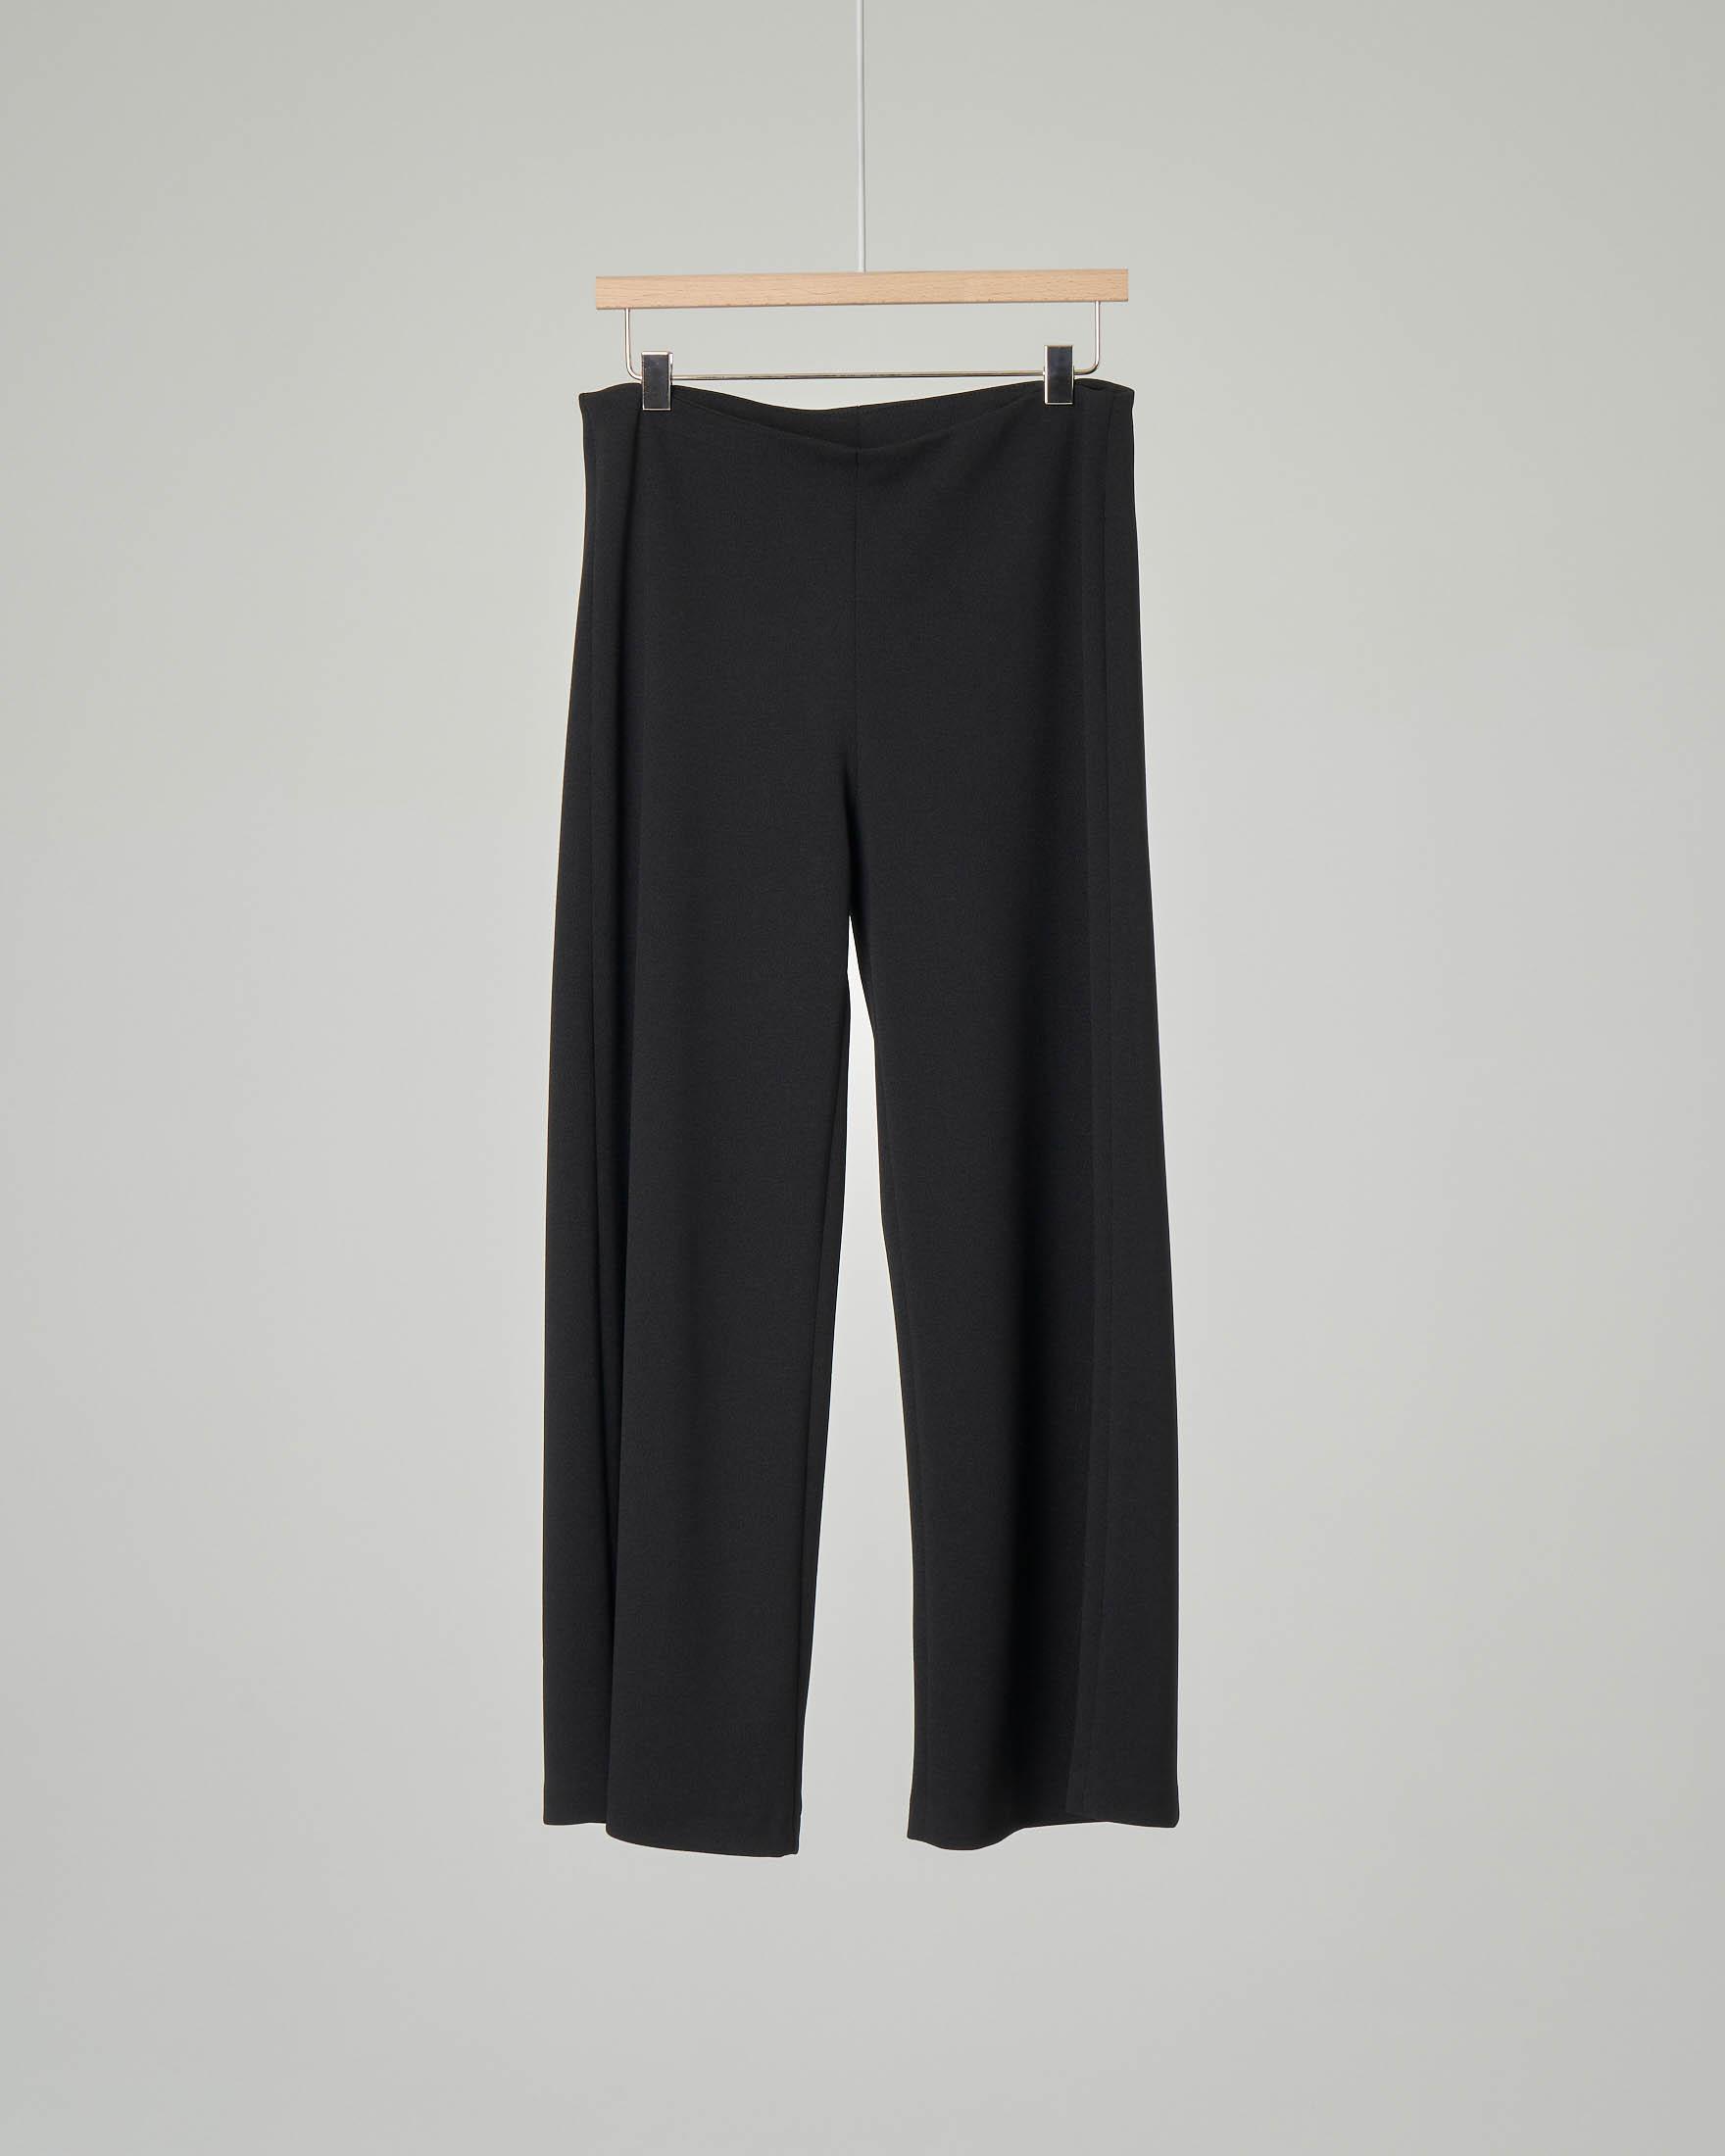 Pantalone a palazzo nero taglia 40-44